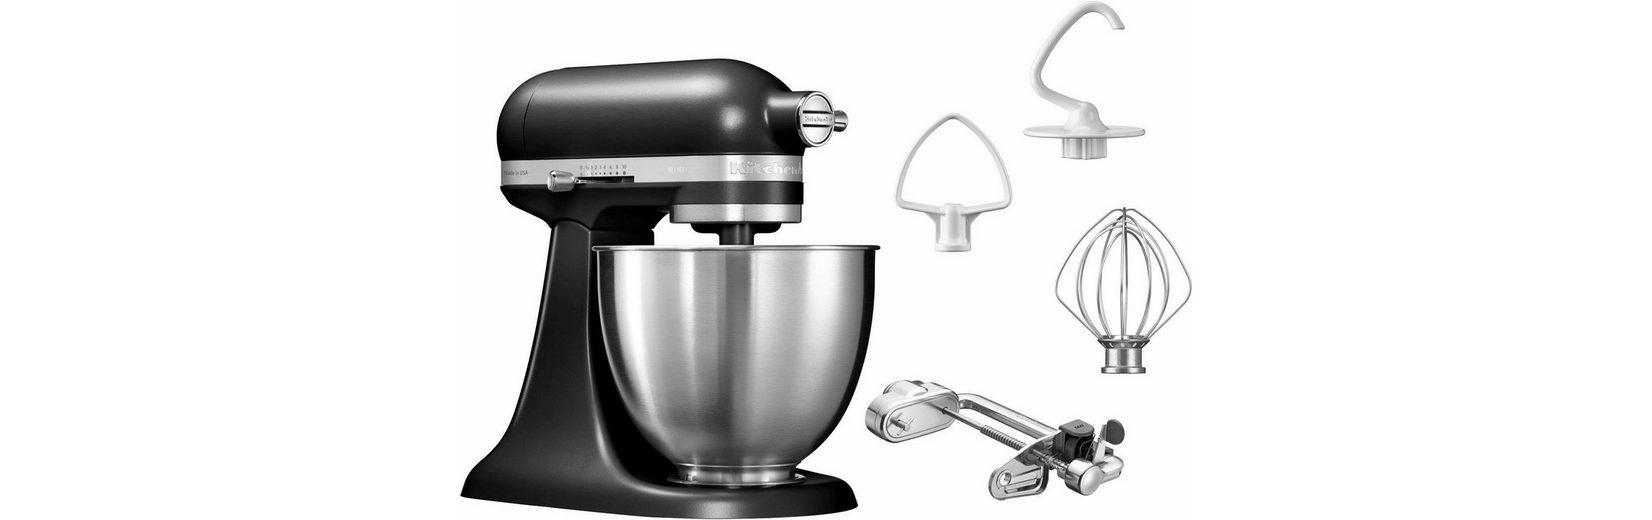 KitchenAid® Küchenmaschine Mini 5KSM3311XEBM, mit Sonderzubehör im Wert von 139,-€ UVP